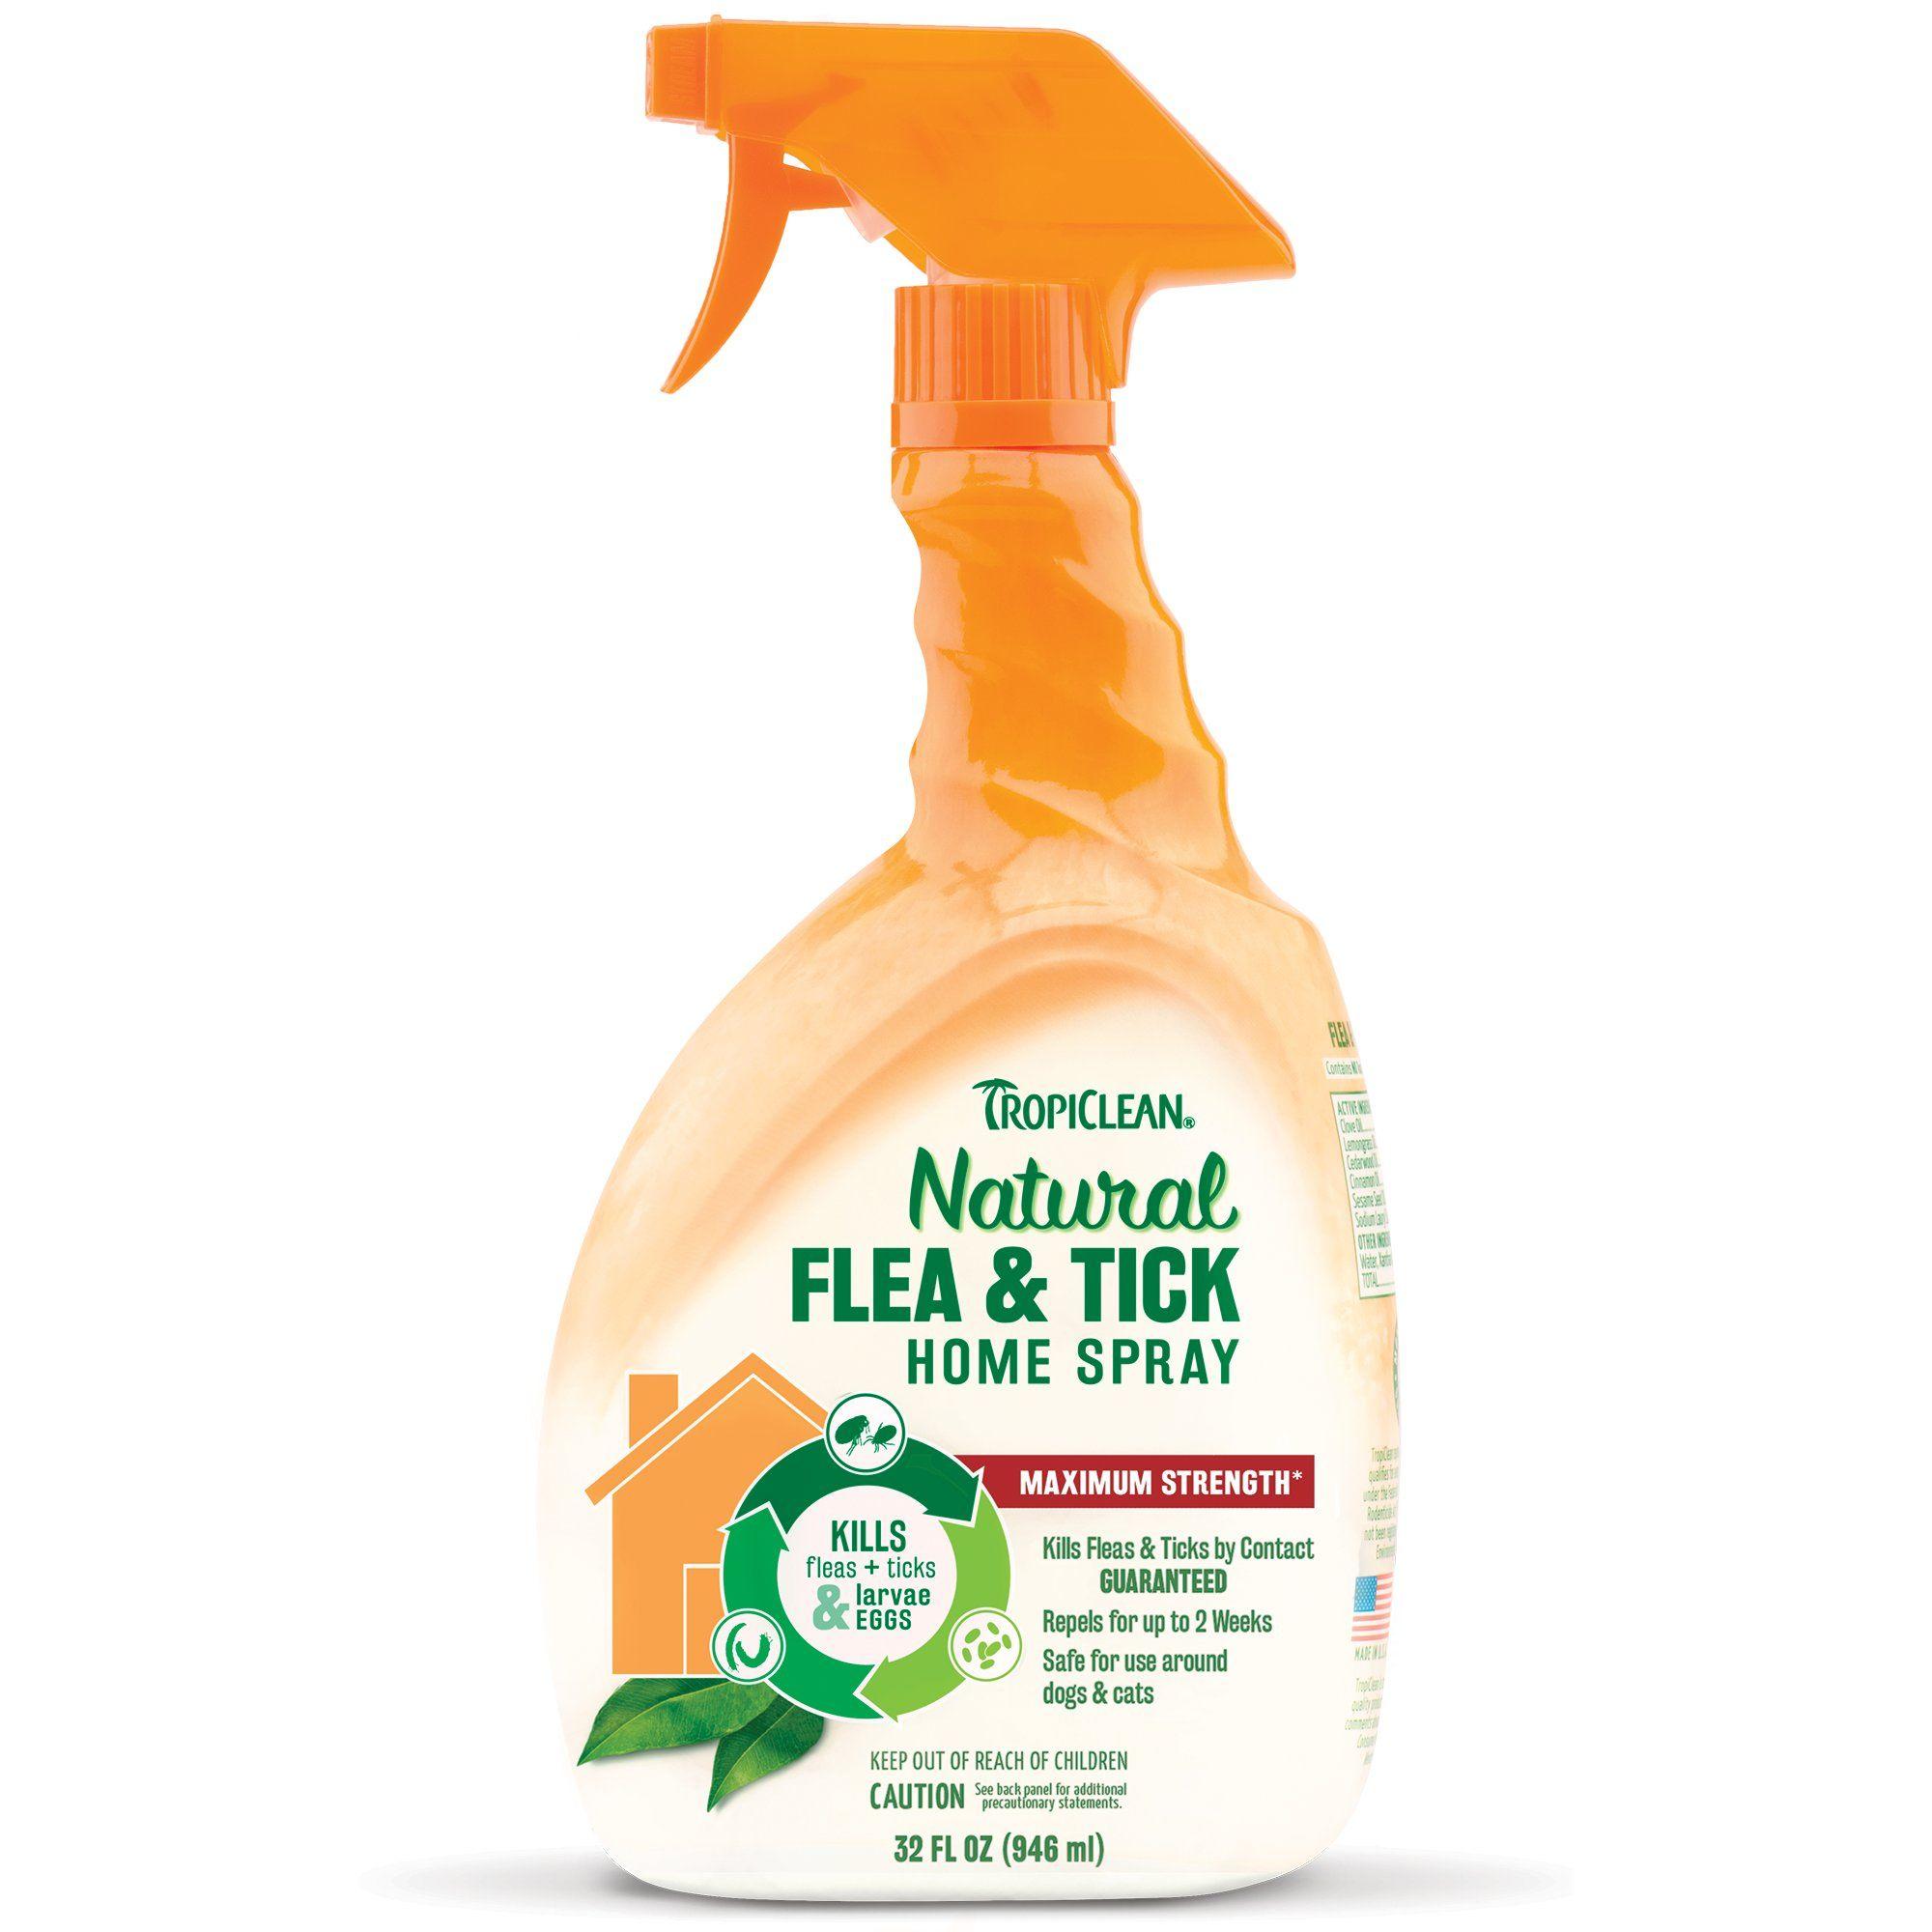 Xịt Diệt Khuẩn Khử Mùi & Ve Rận TROPICLEAN Flea & Tick Home Spray Mỹ 946ml